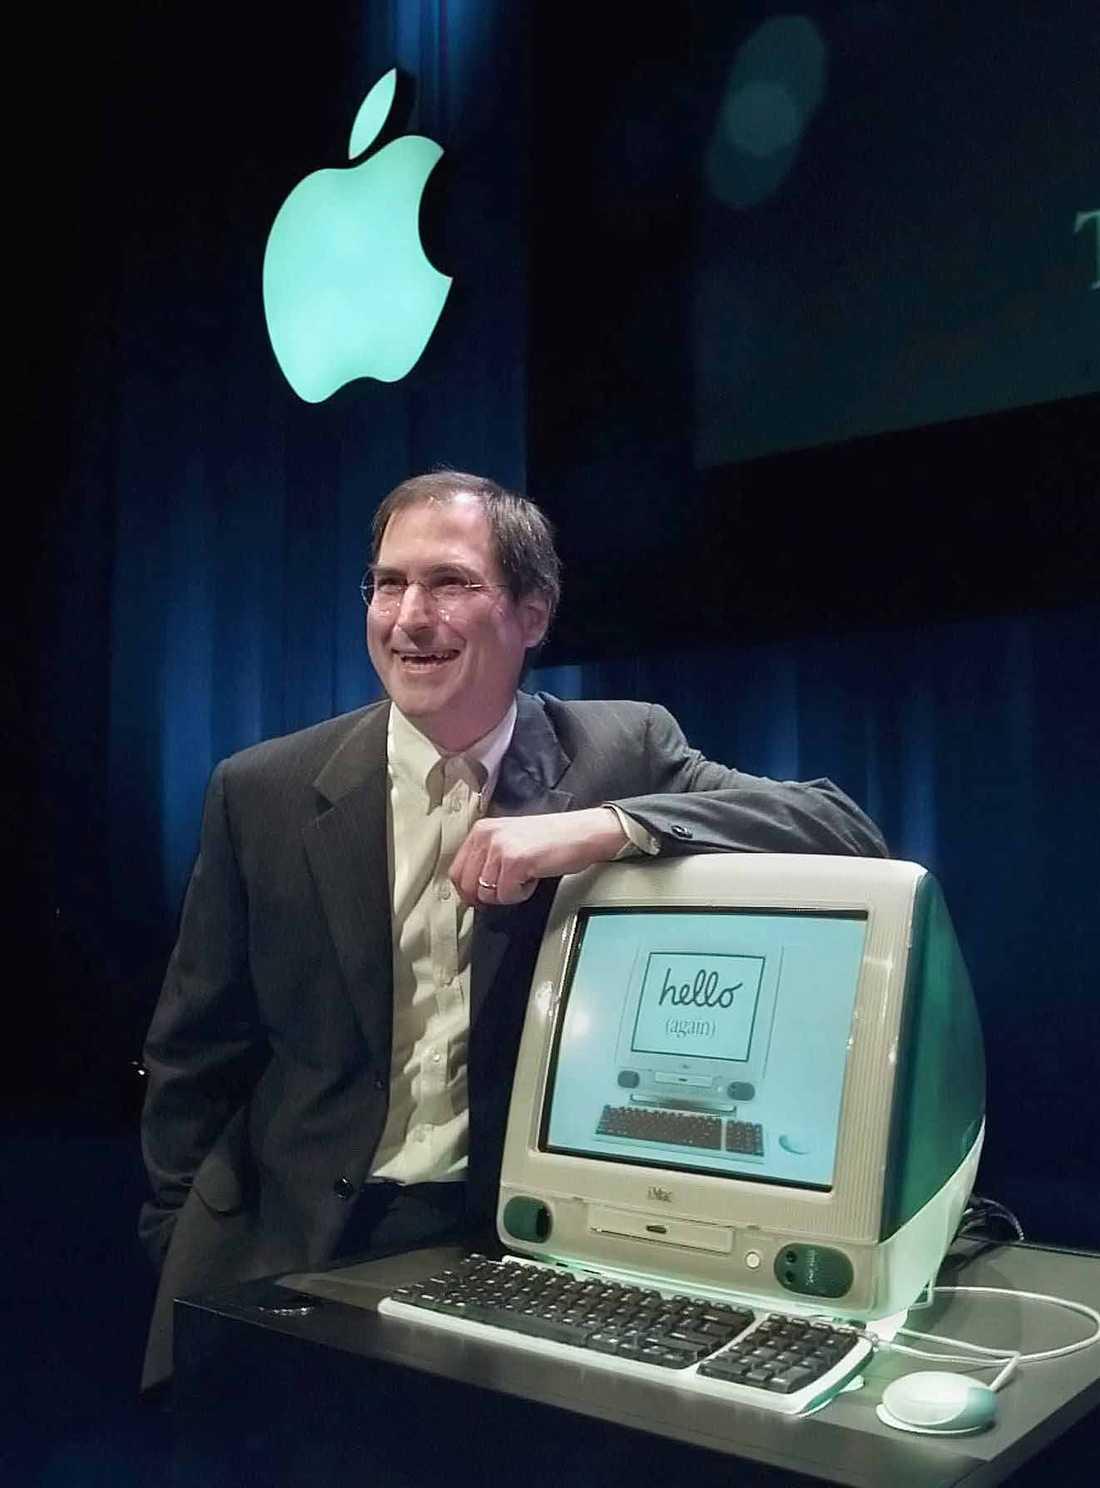 Ny Steve Jobs hänger nonchalant på sin nya skapelse: Imac. Året är 1999.